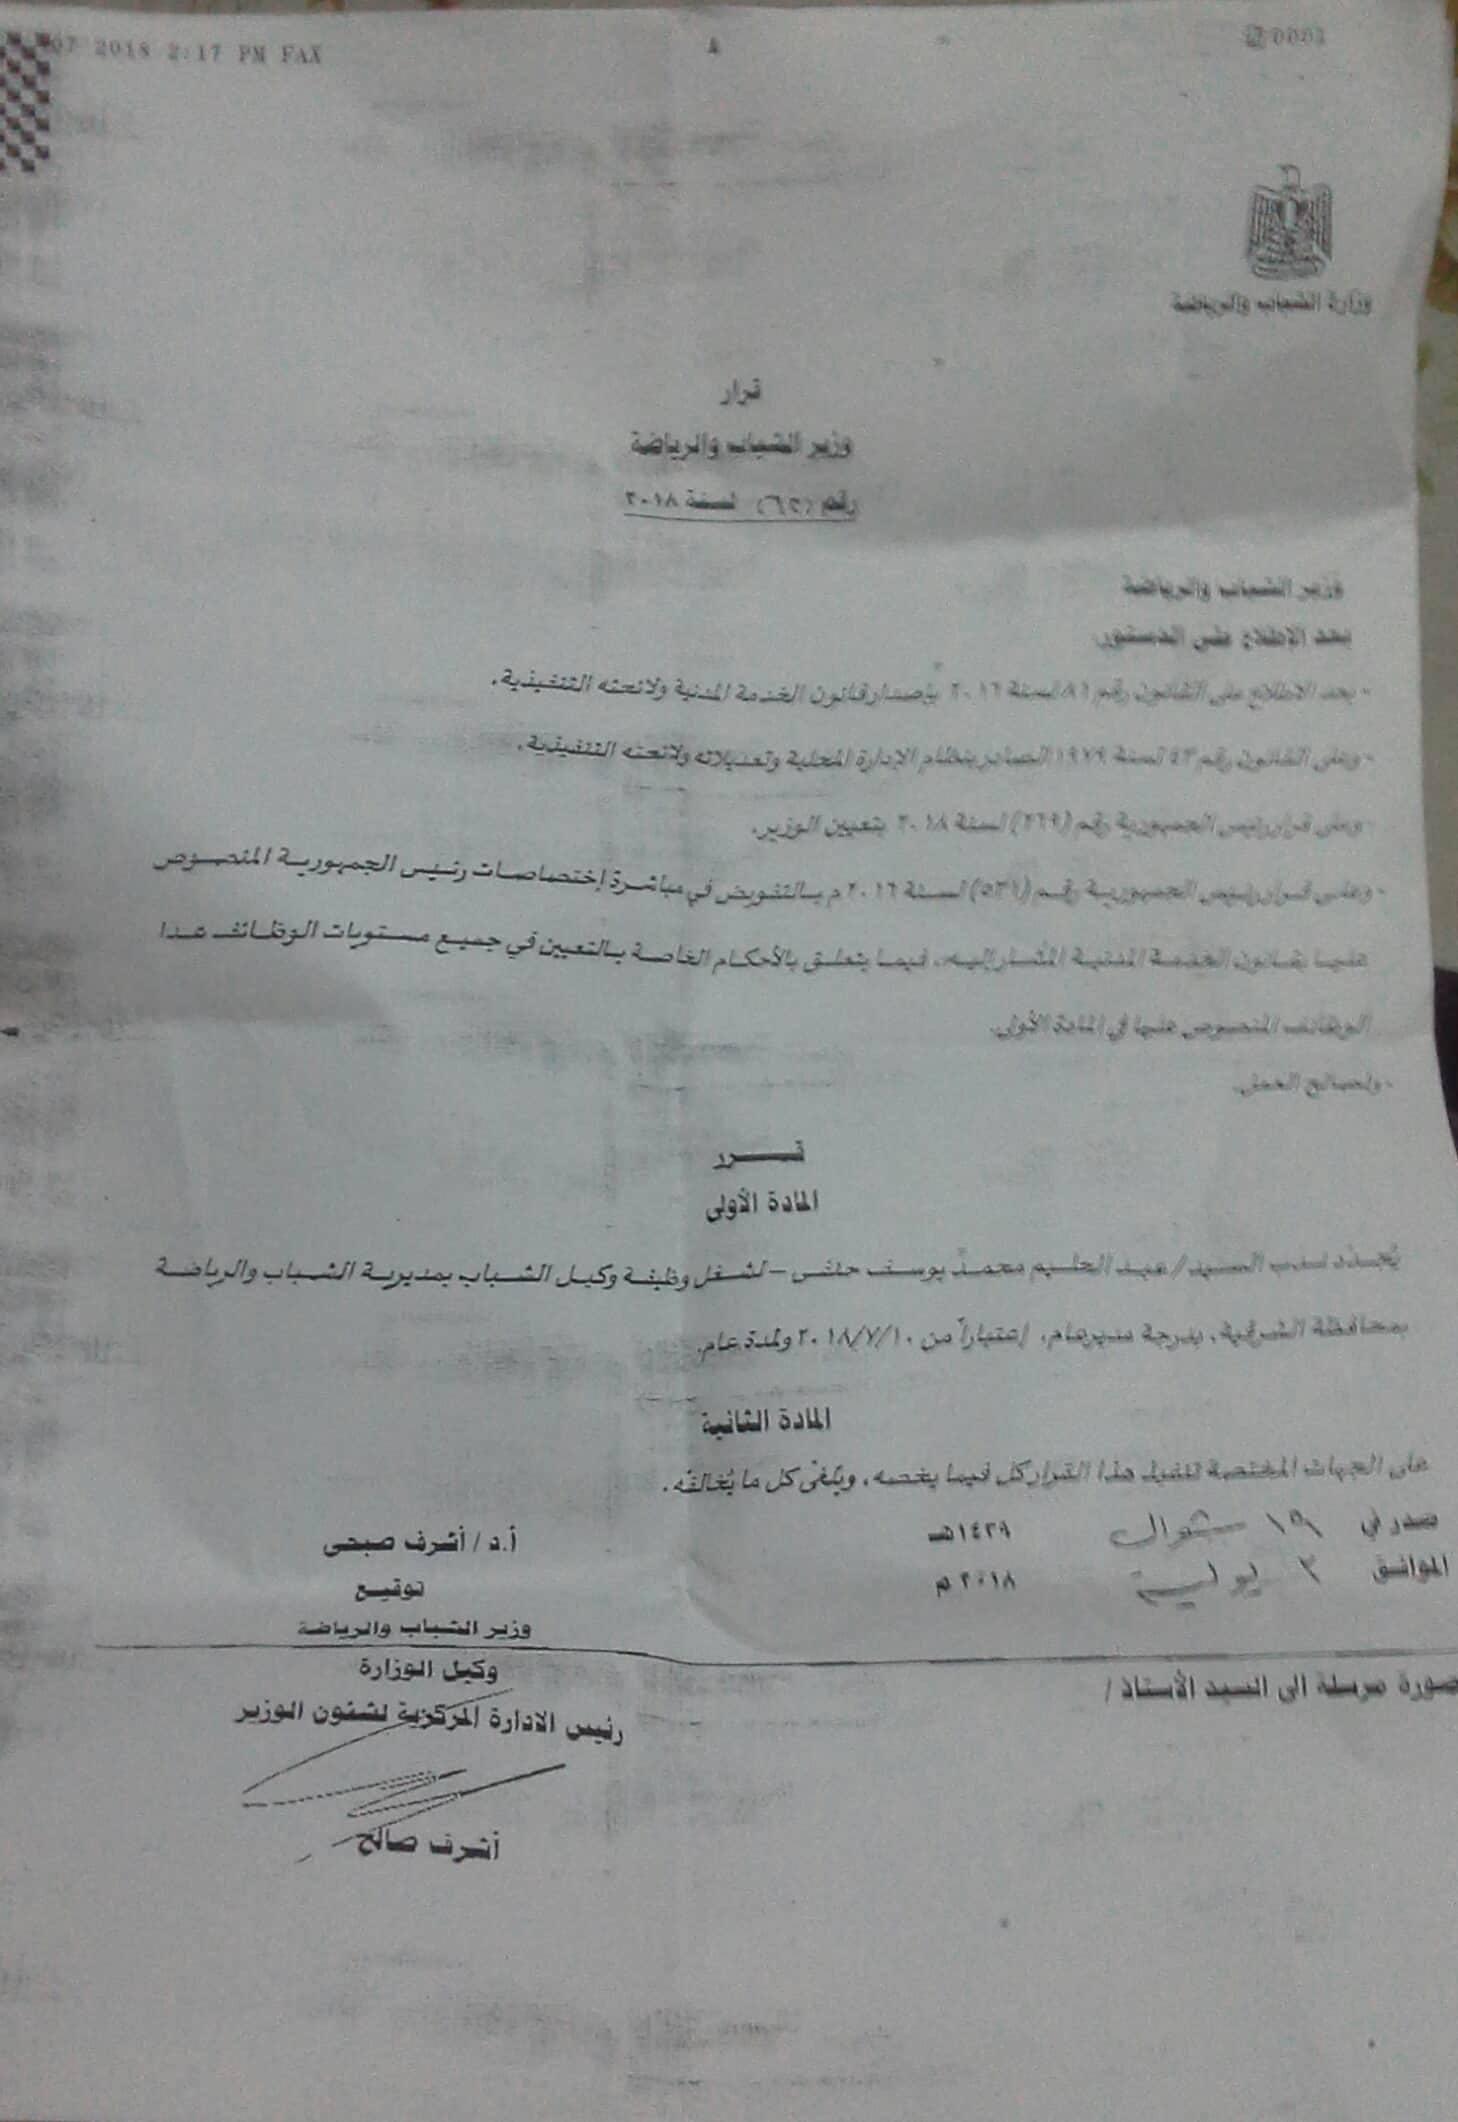 الأستاذ عبدالحليم الحنفي وكيلاً لمديرية الشباب والرياضة بالشرقية بعد تجديد الثقة به